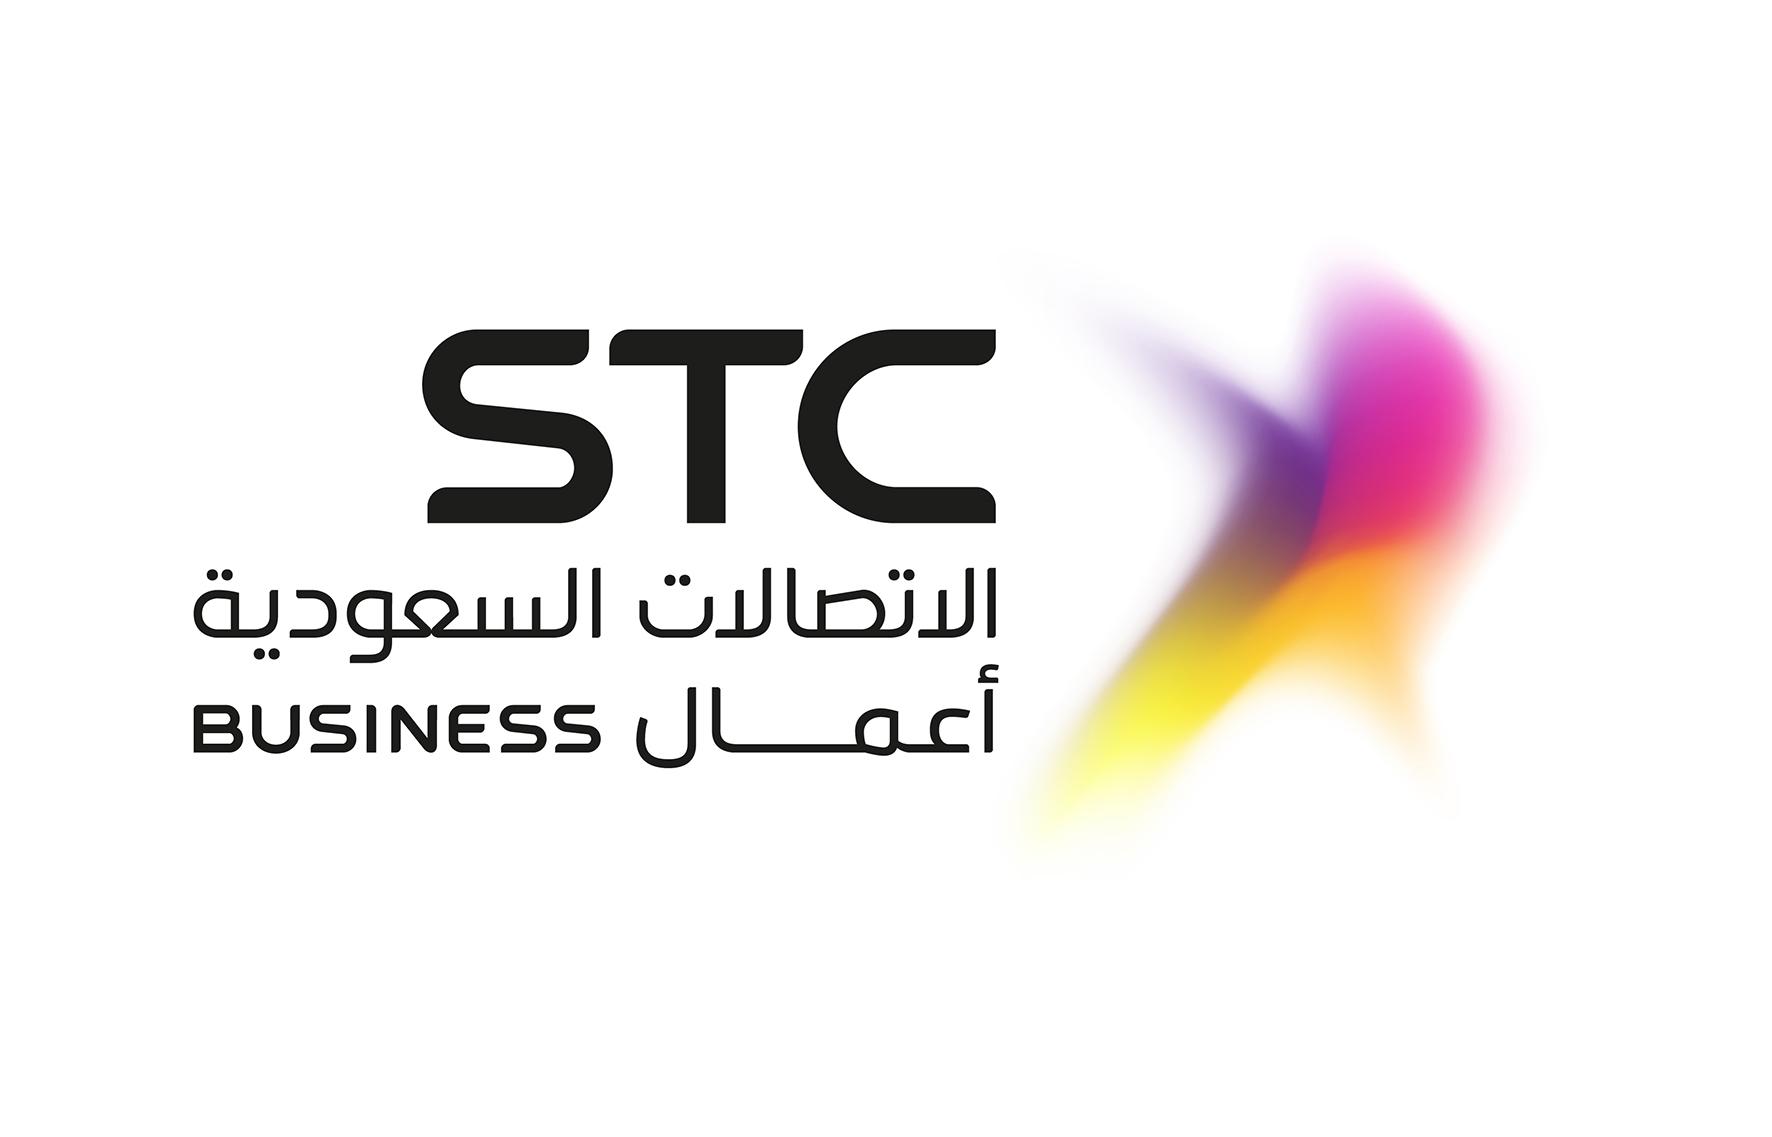 الاتصالات السعودية - أعمال